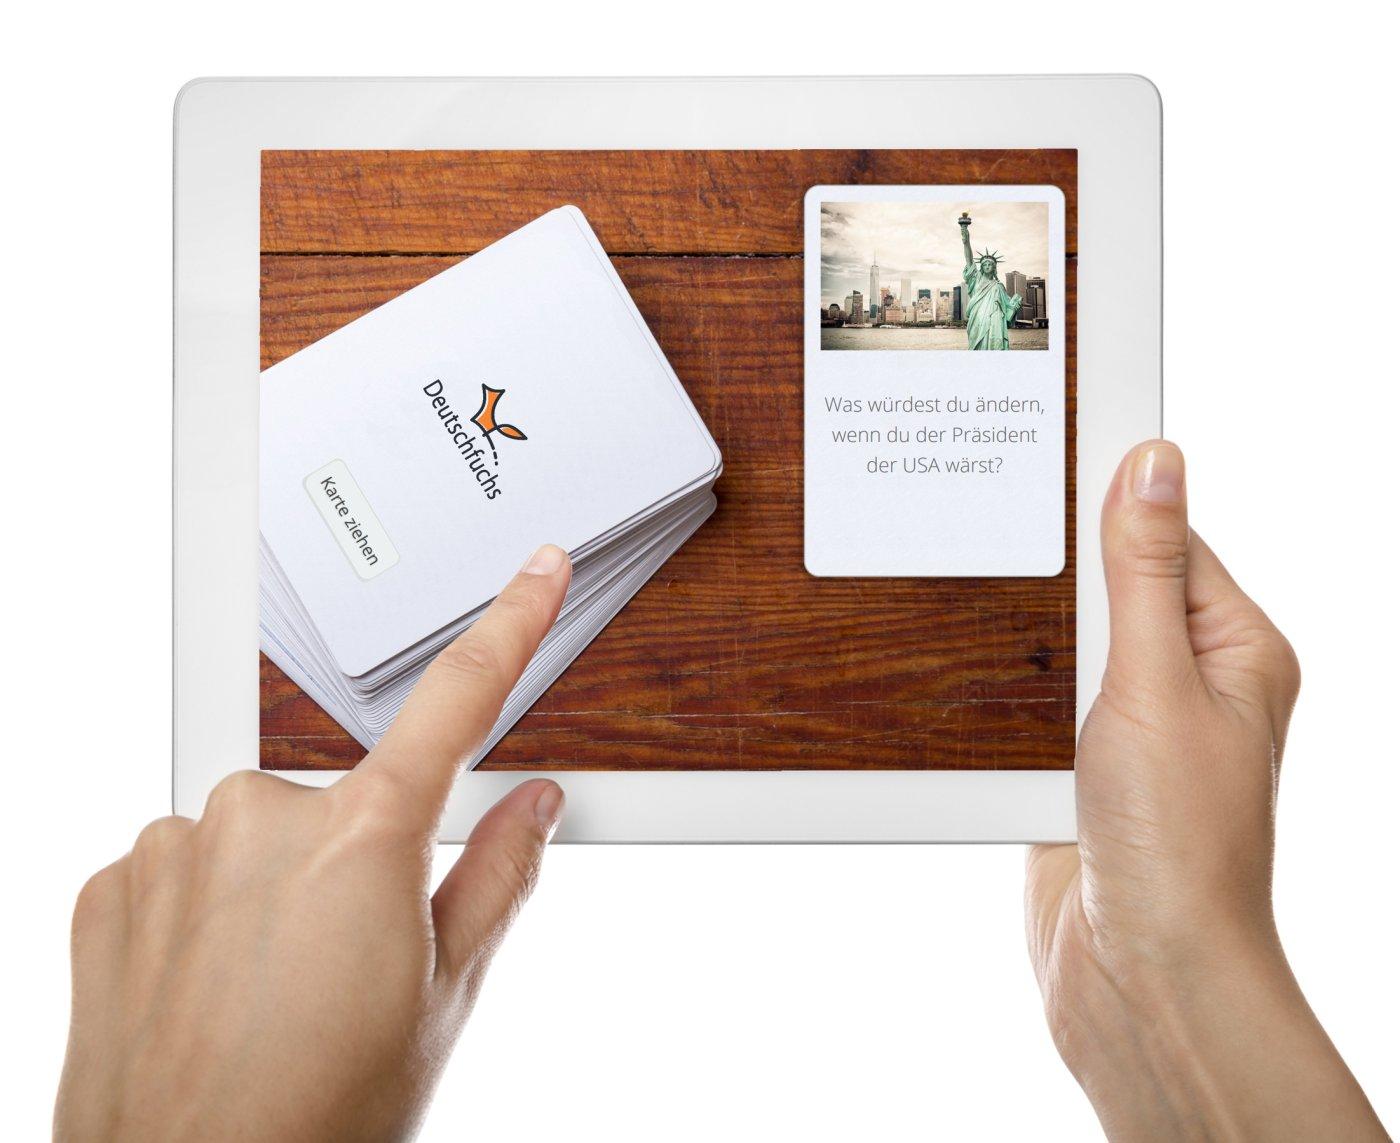 Kartenspiel-Konj2-Tablet